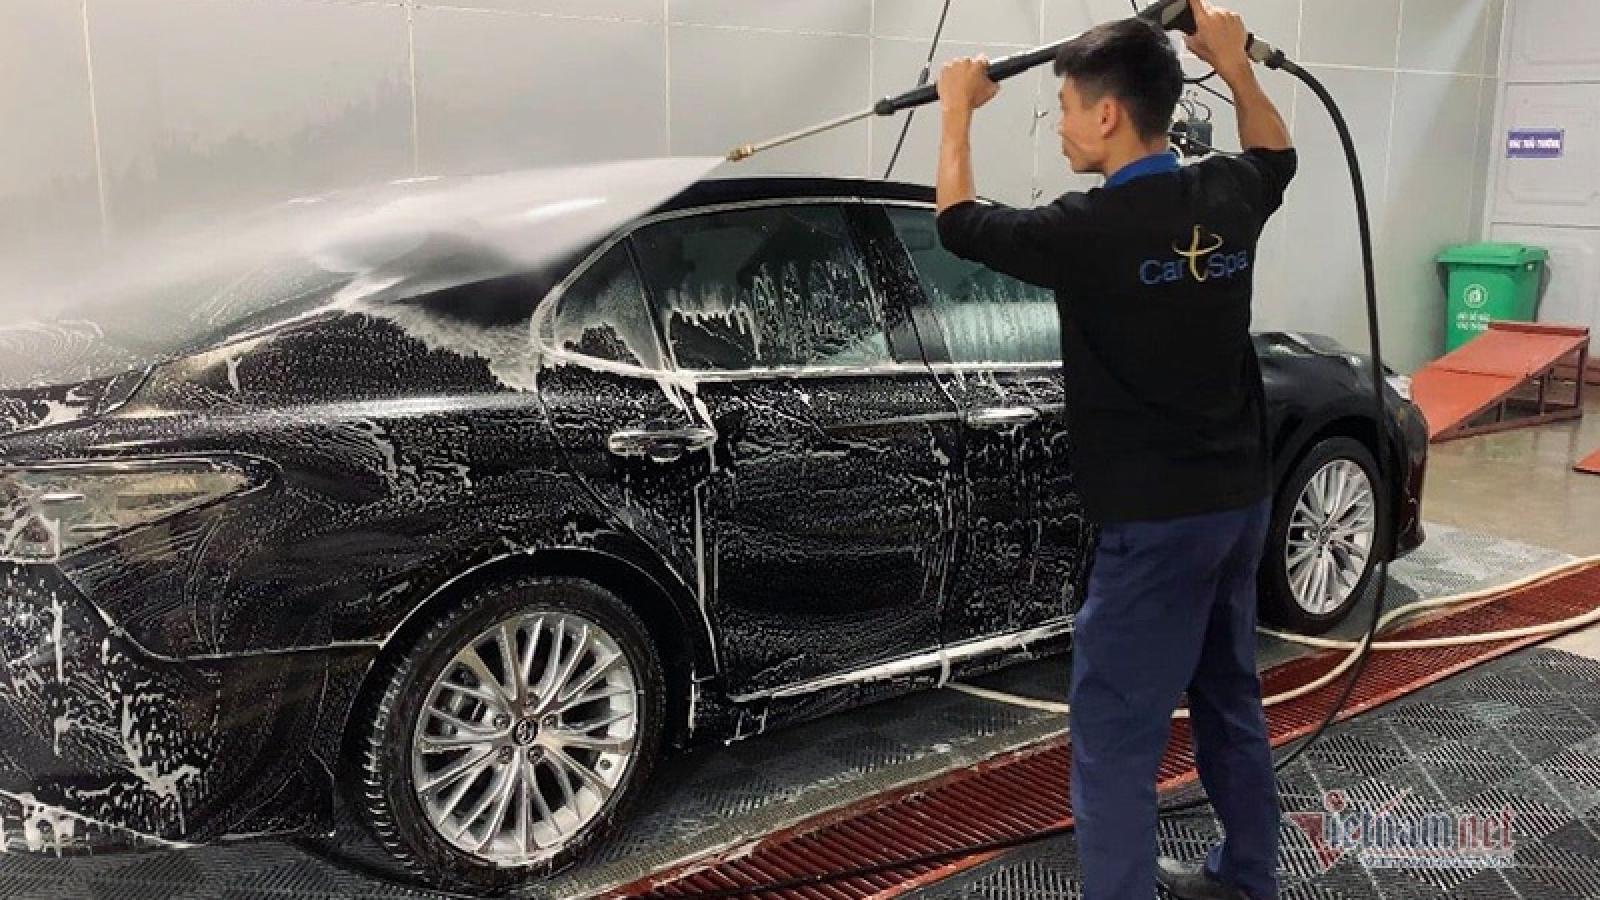 Ô tô bị gỉ sét vì chủ nhân quá chăm rửa xe